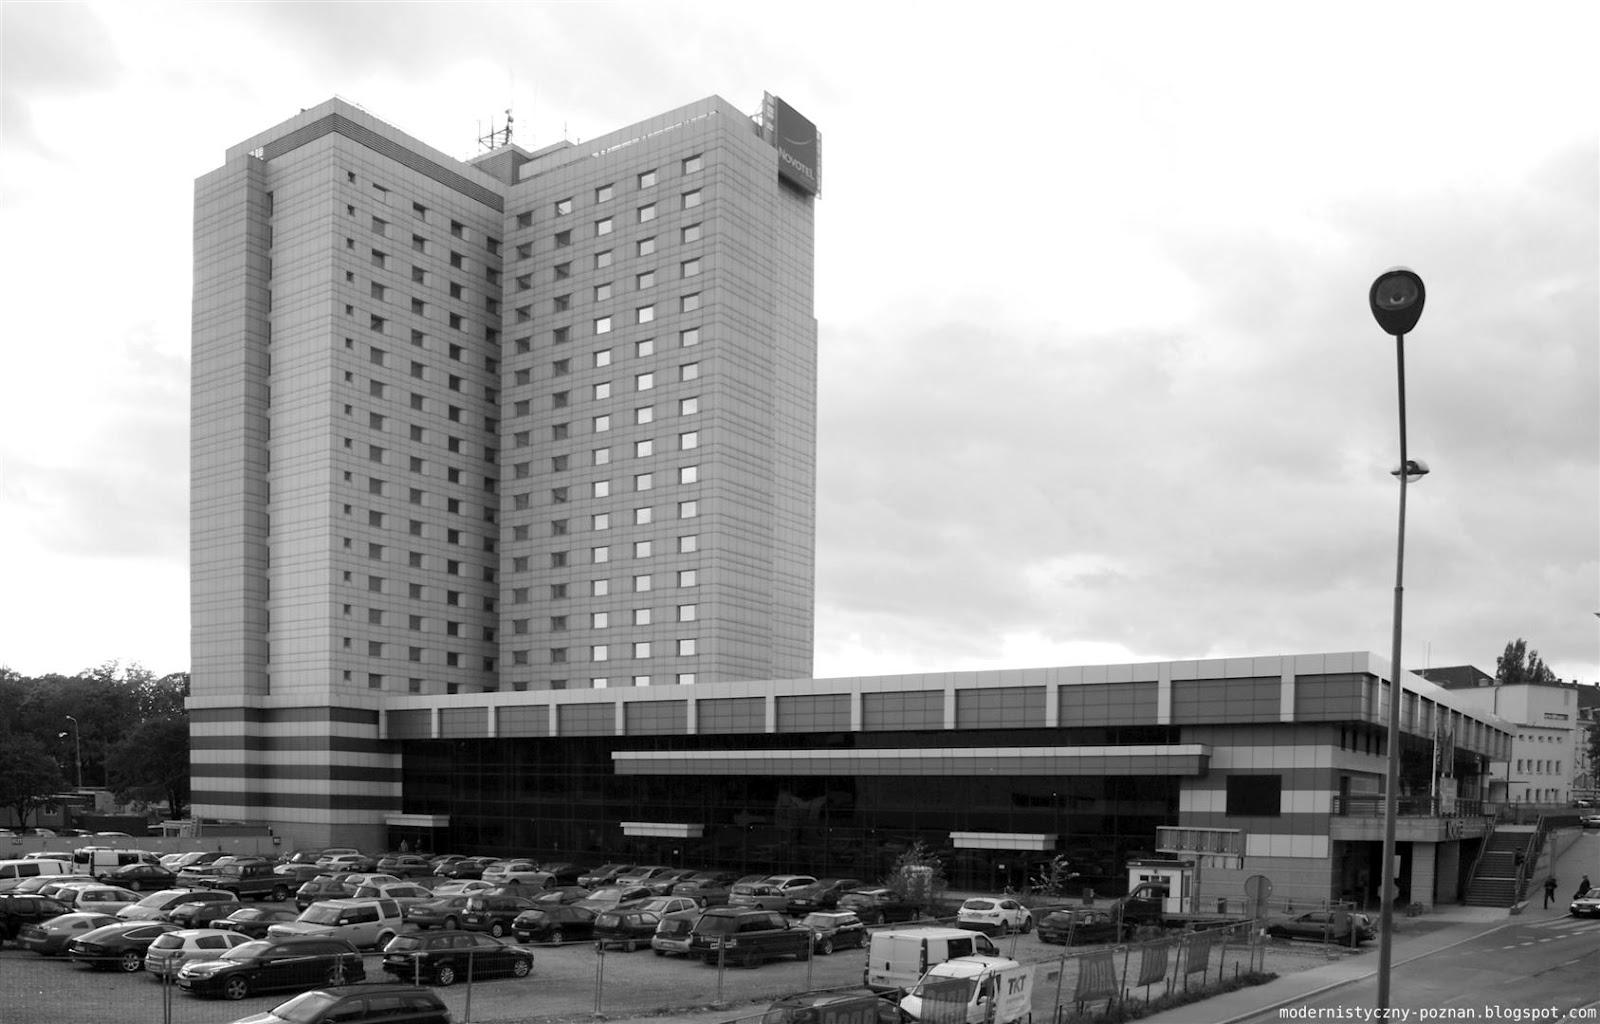 Novotel casino poznan poland